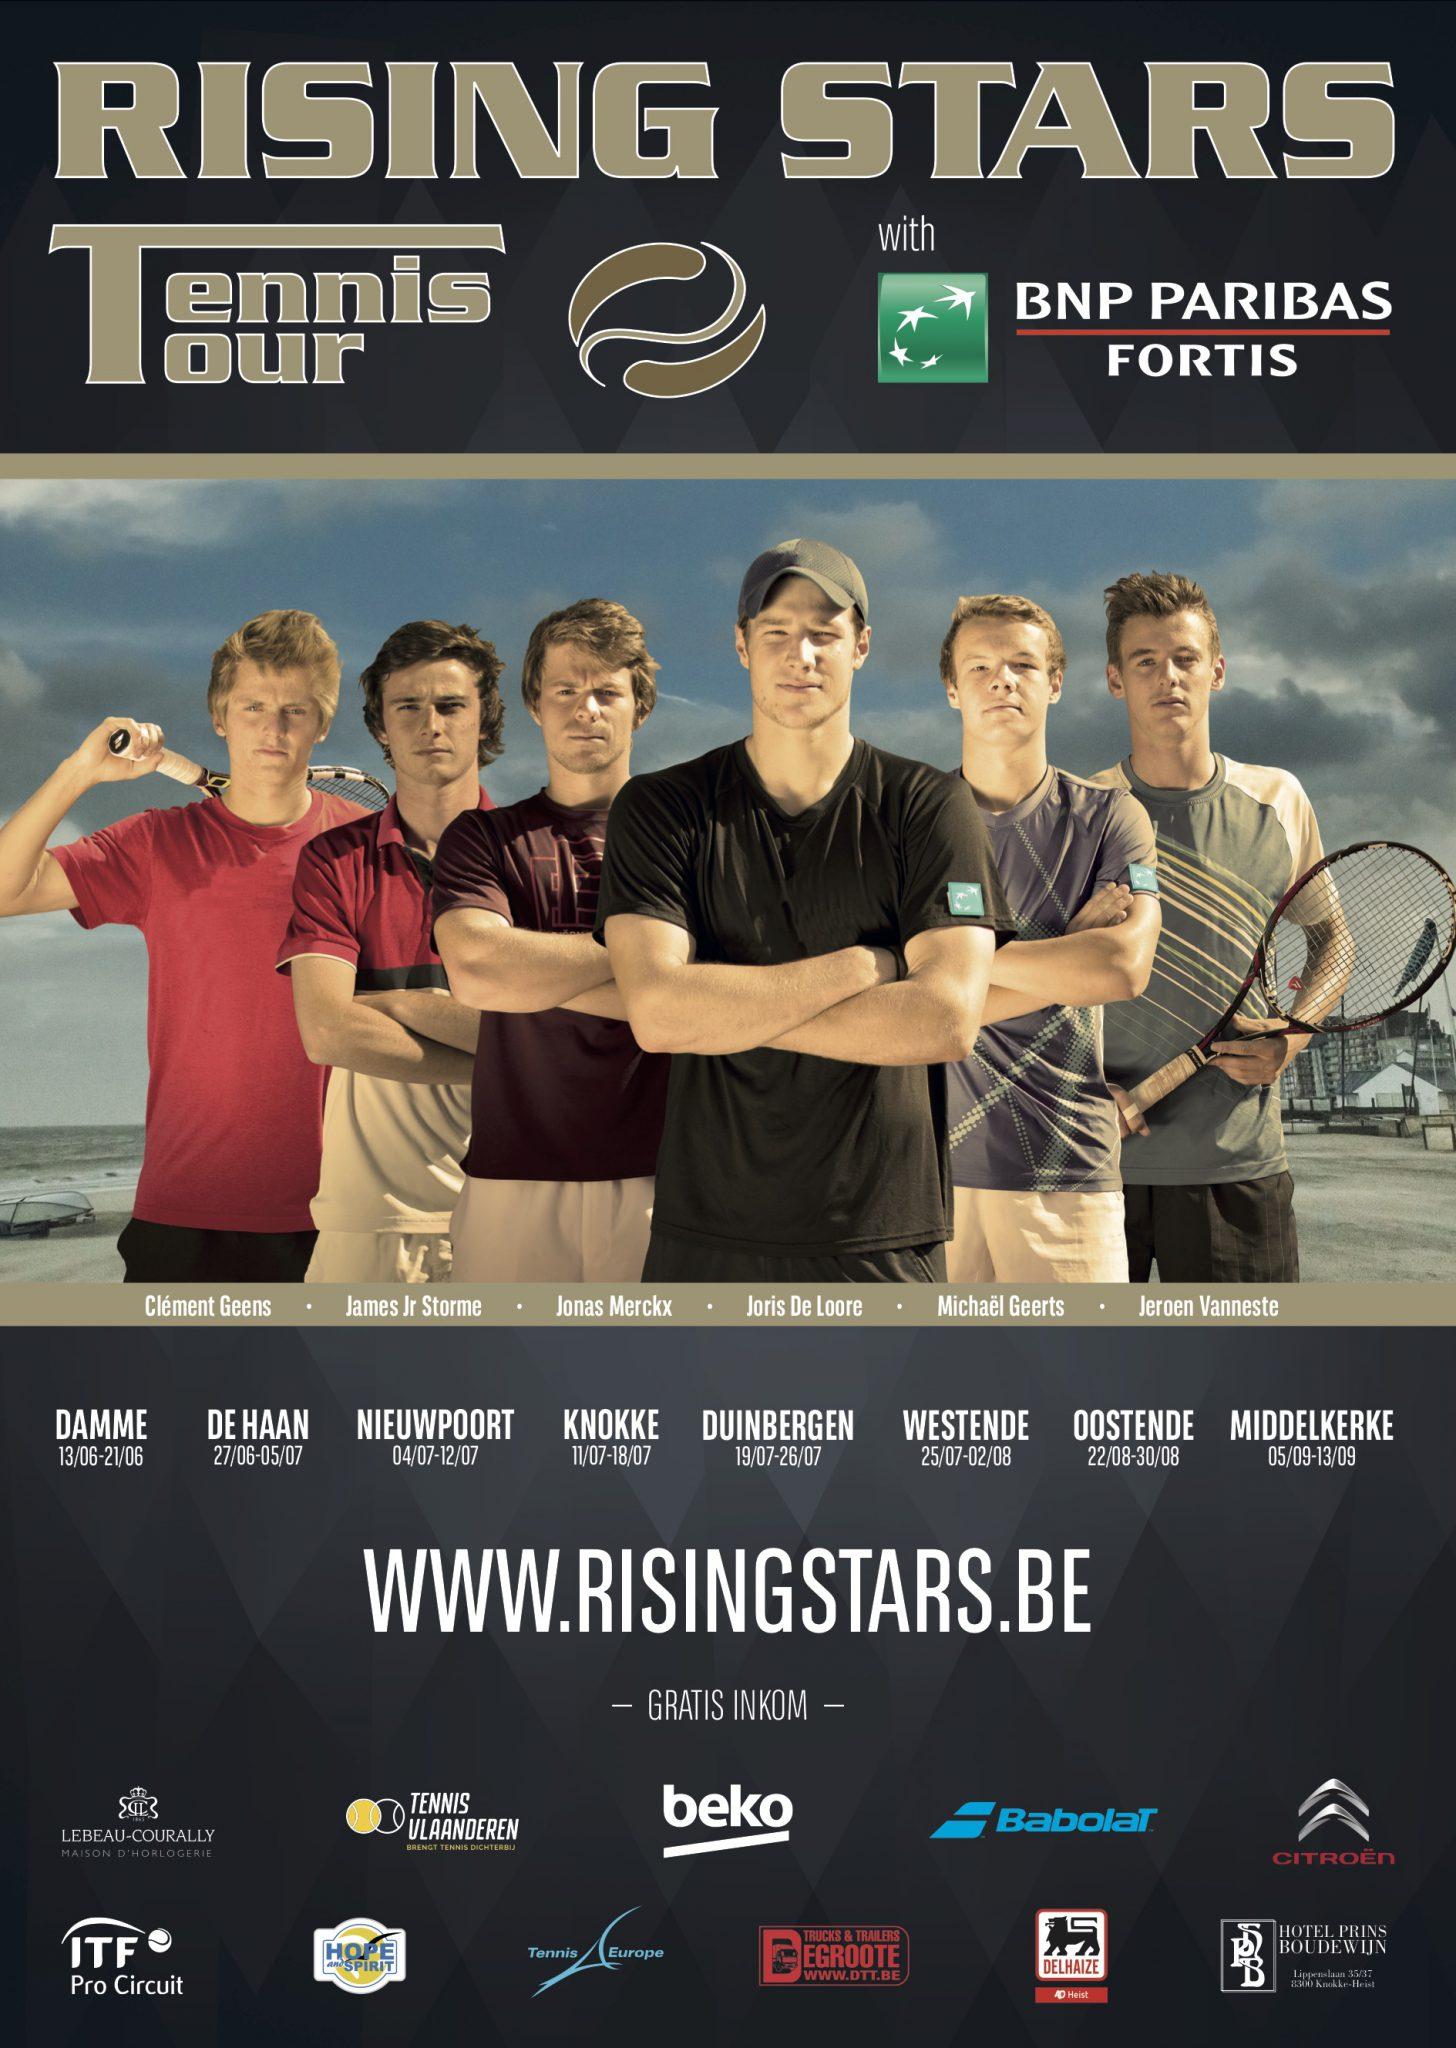 Rising Stars - Affiche RSTT 2015